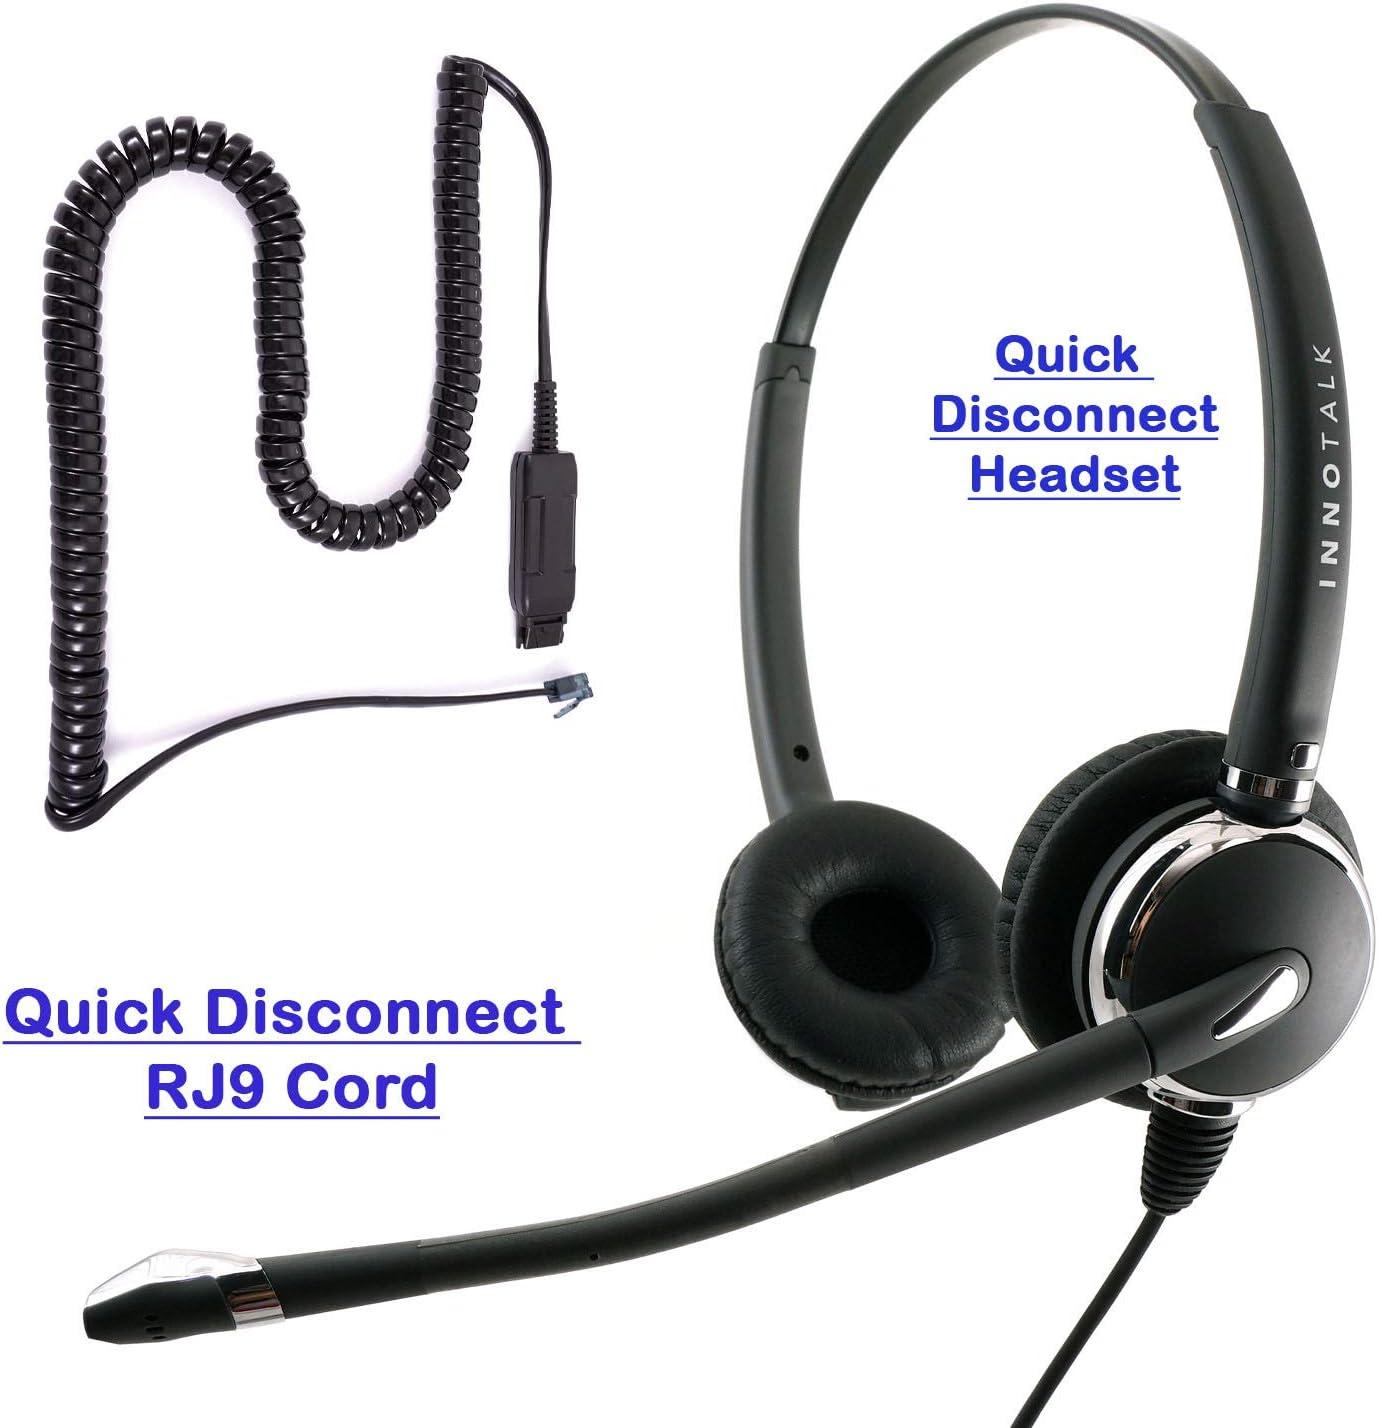 Headset for Avaya 1600 9600 1608 9608 9610 9611 9611G SNOM 320 360 370 720 760